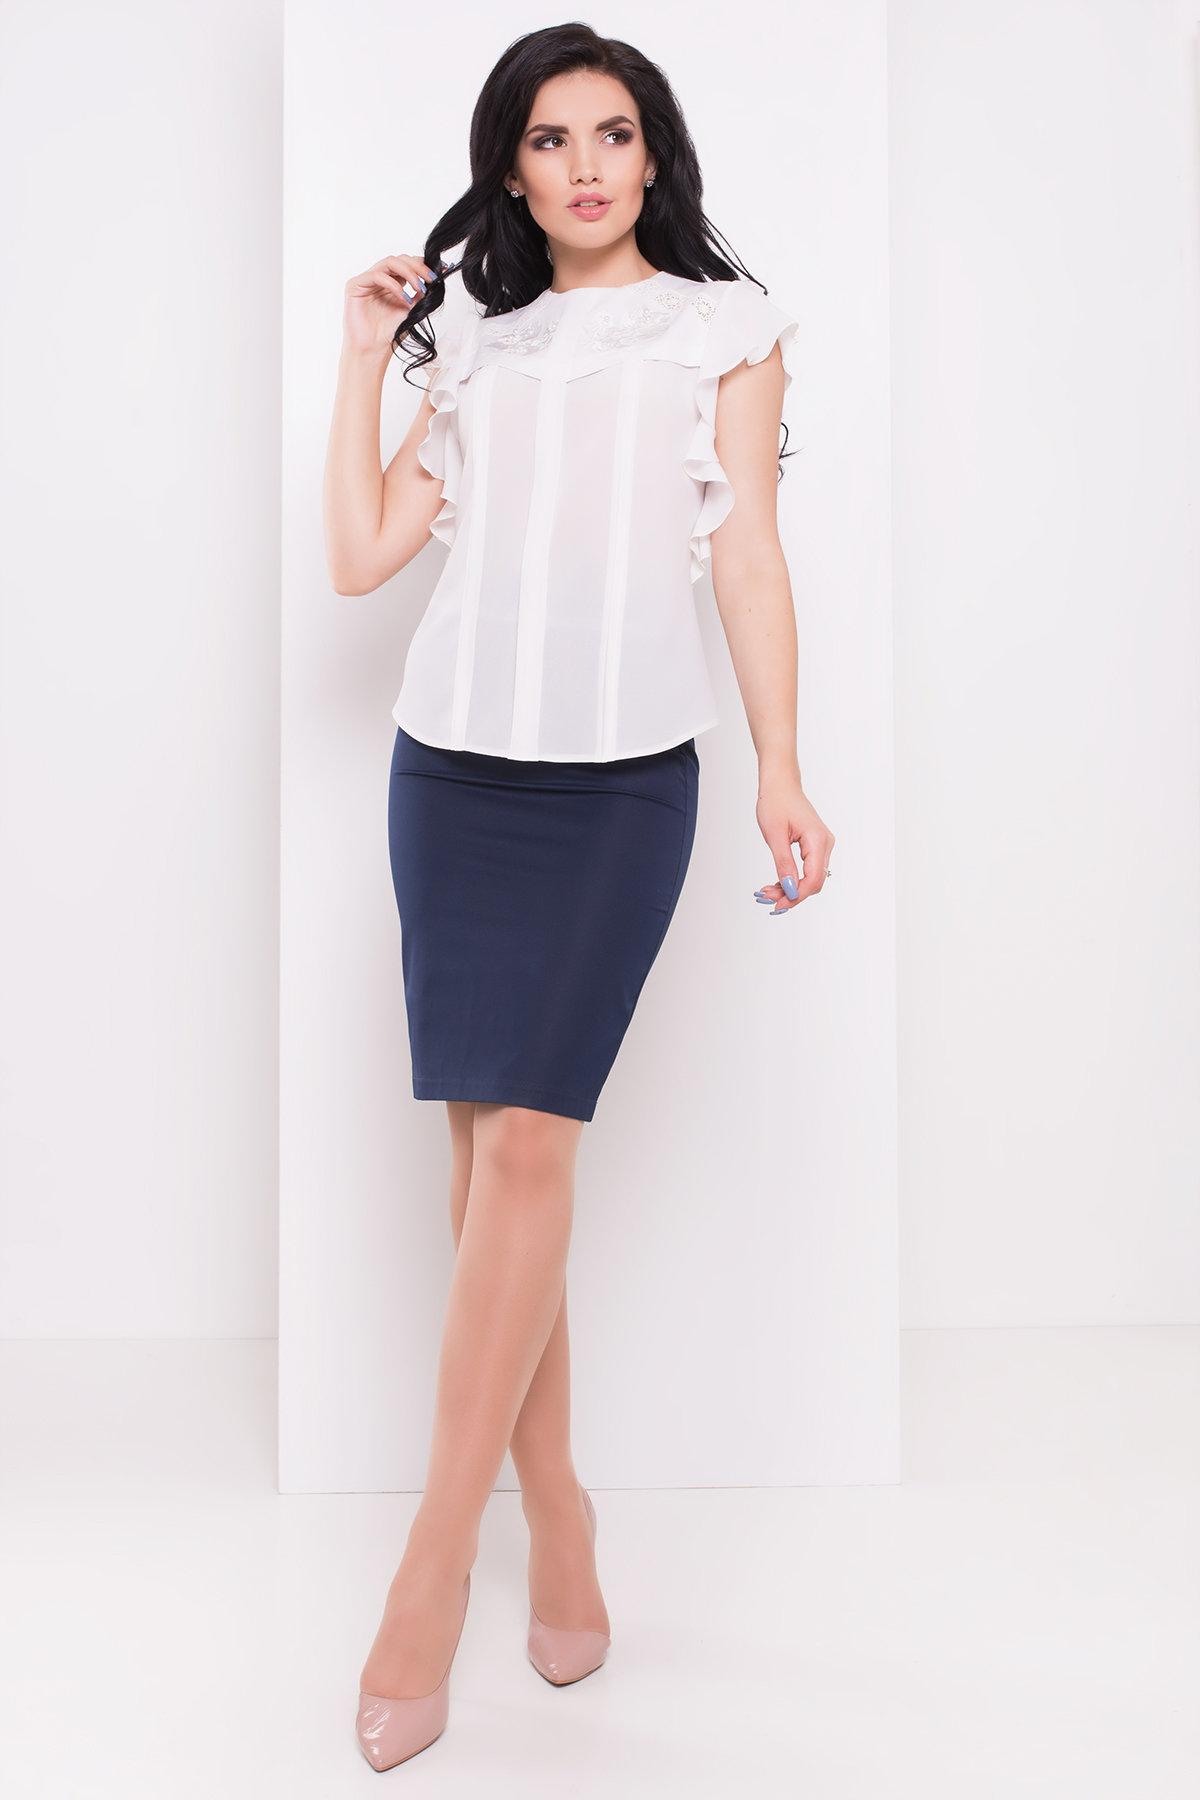 Женская одежда оптом от производителя Modus Блуза Роберта 3221